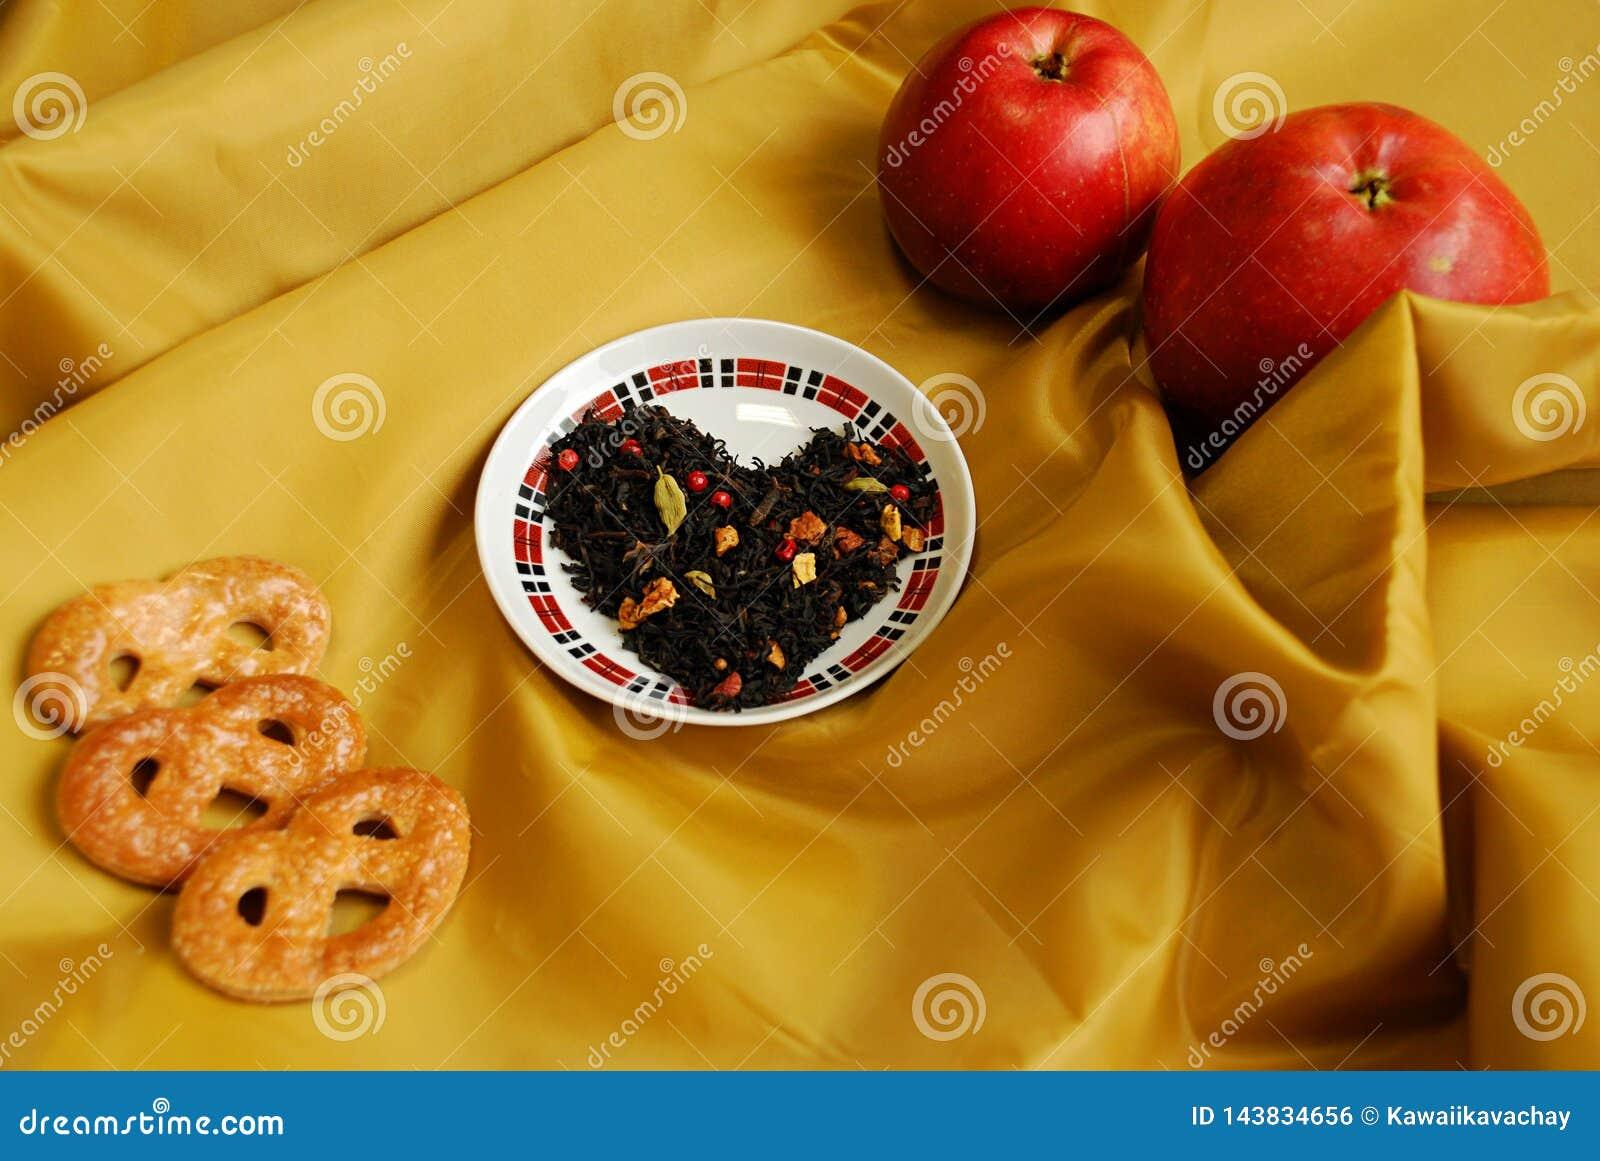 Thé chinois exotique avec des bourgeons d un clou de girofle, une coriandre, tranches de pommes, oranges, poivre rose